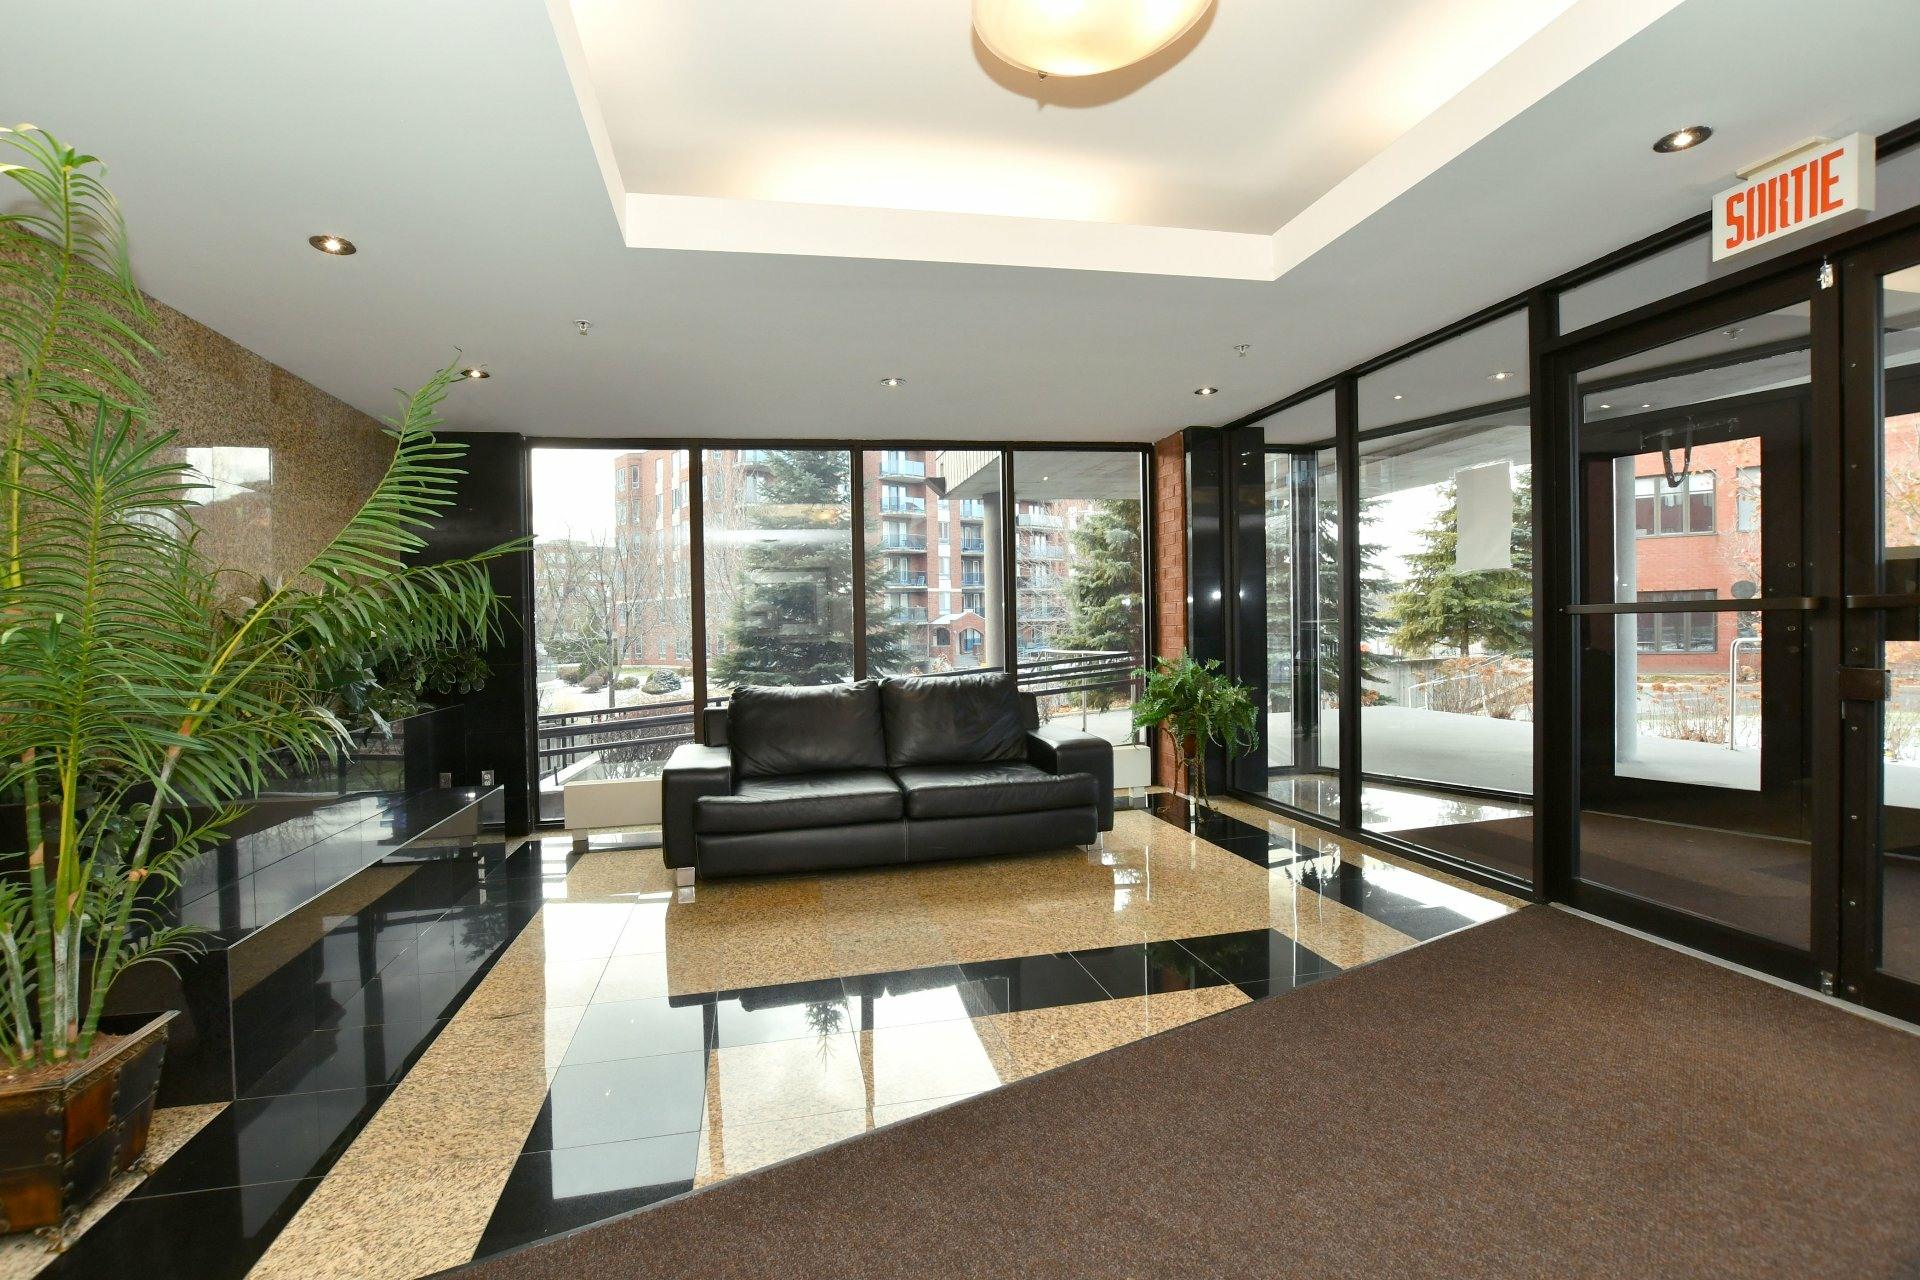 image 21 - Apartment For sale Saint-Laurent Montréal  - 5 rooms